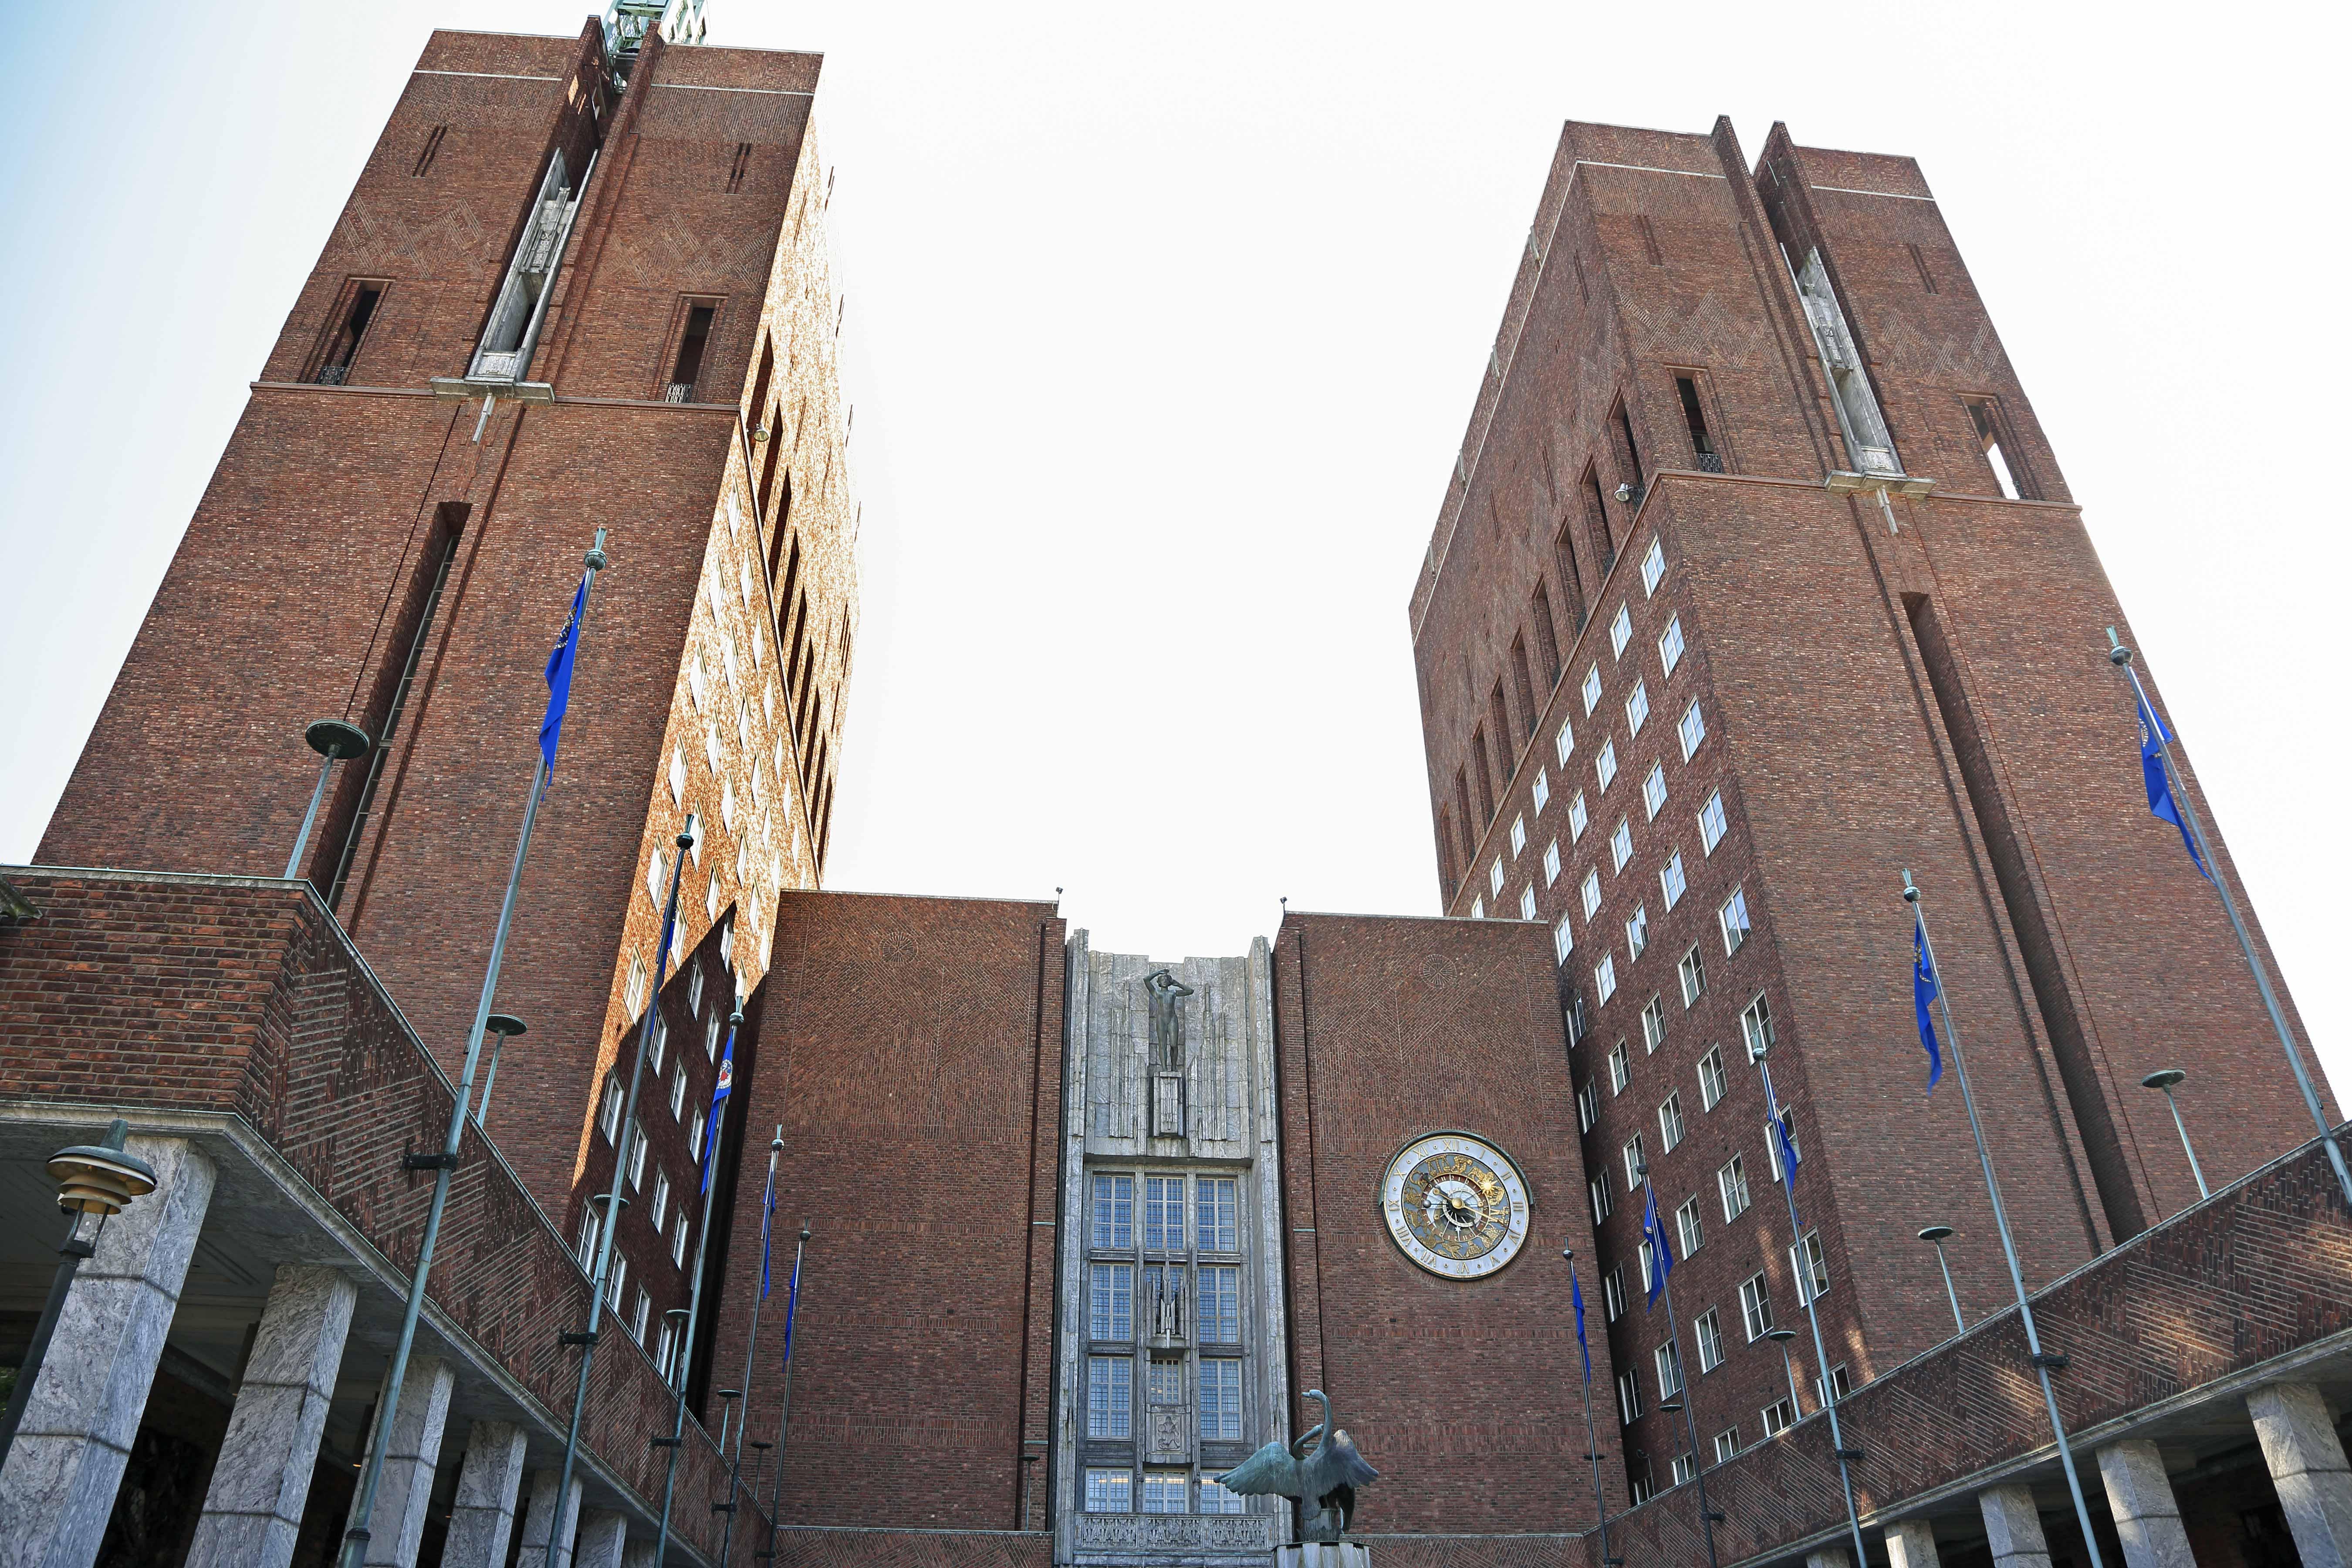 Das Rathaus mit seinem Glockenturm in Oslo, Norwegen.